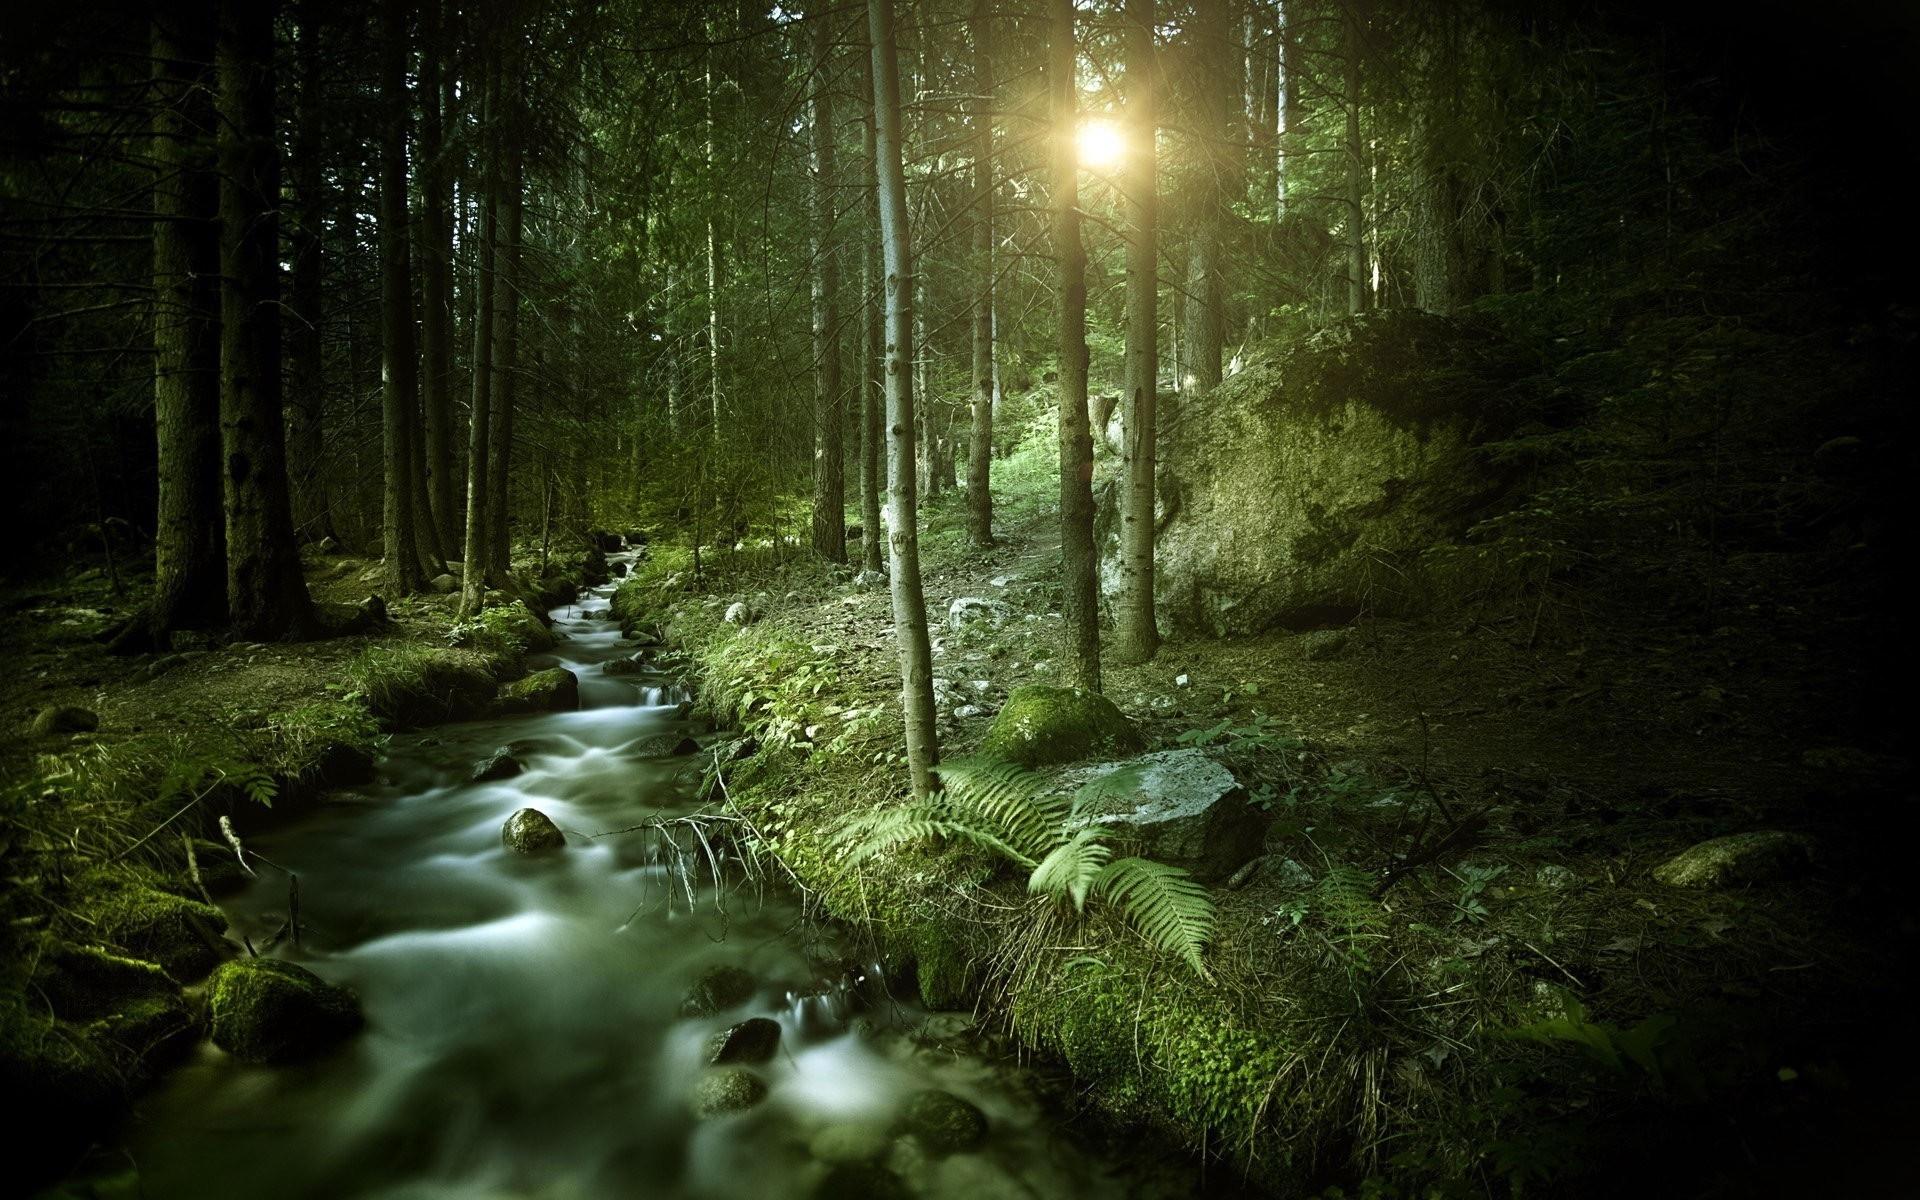 Forest Desktop Wallpaper (58+ images)